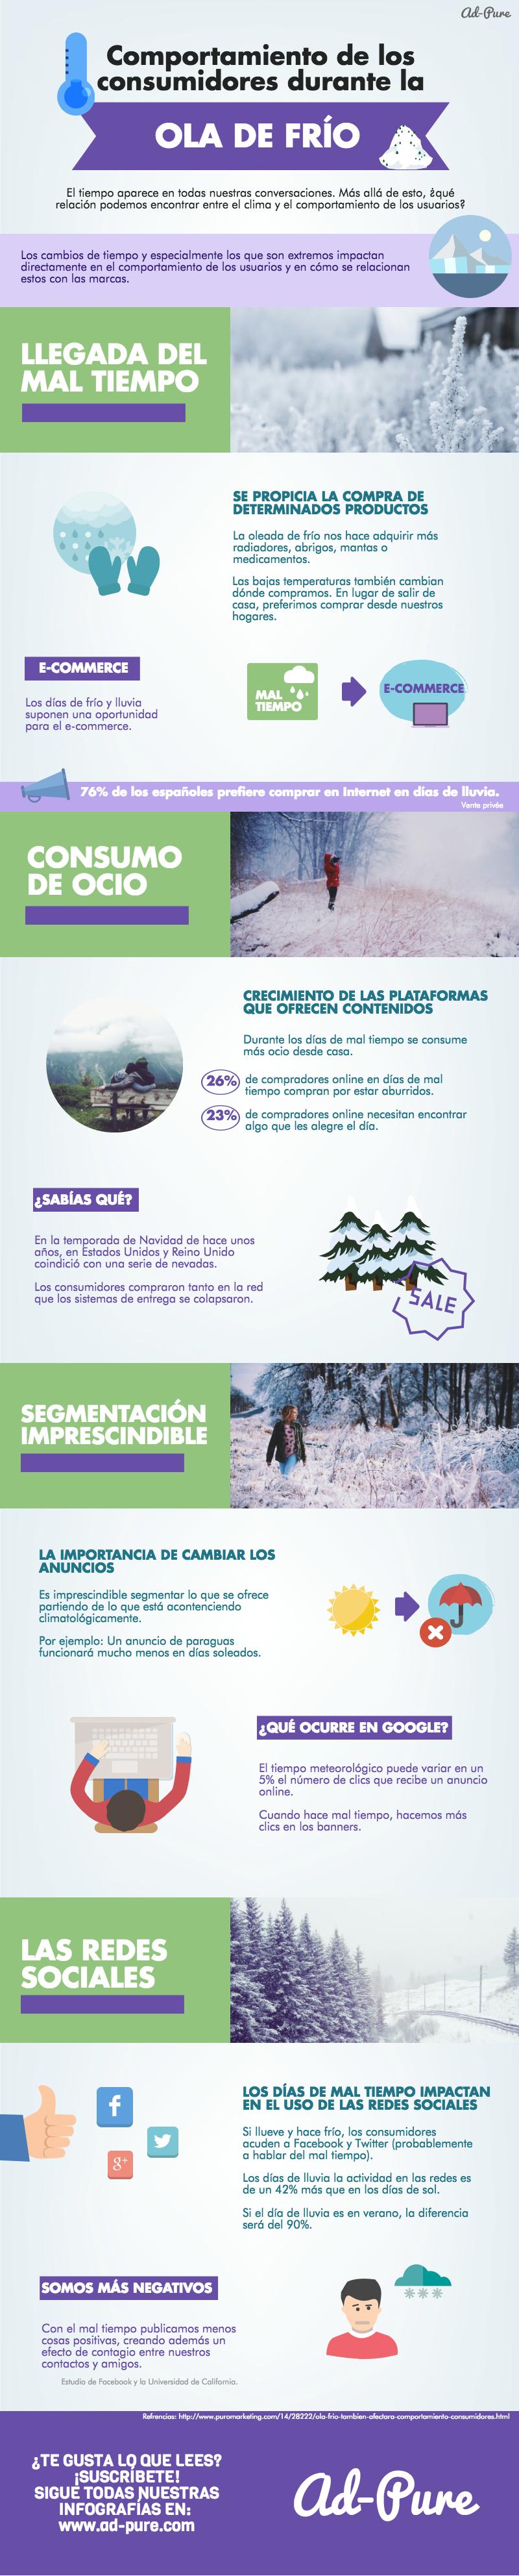 Comportamiento de los consumidores durante la ola de frío #infografia #marketing